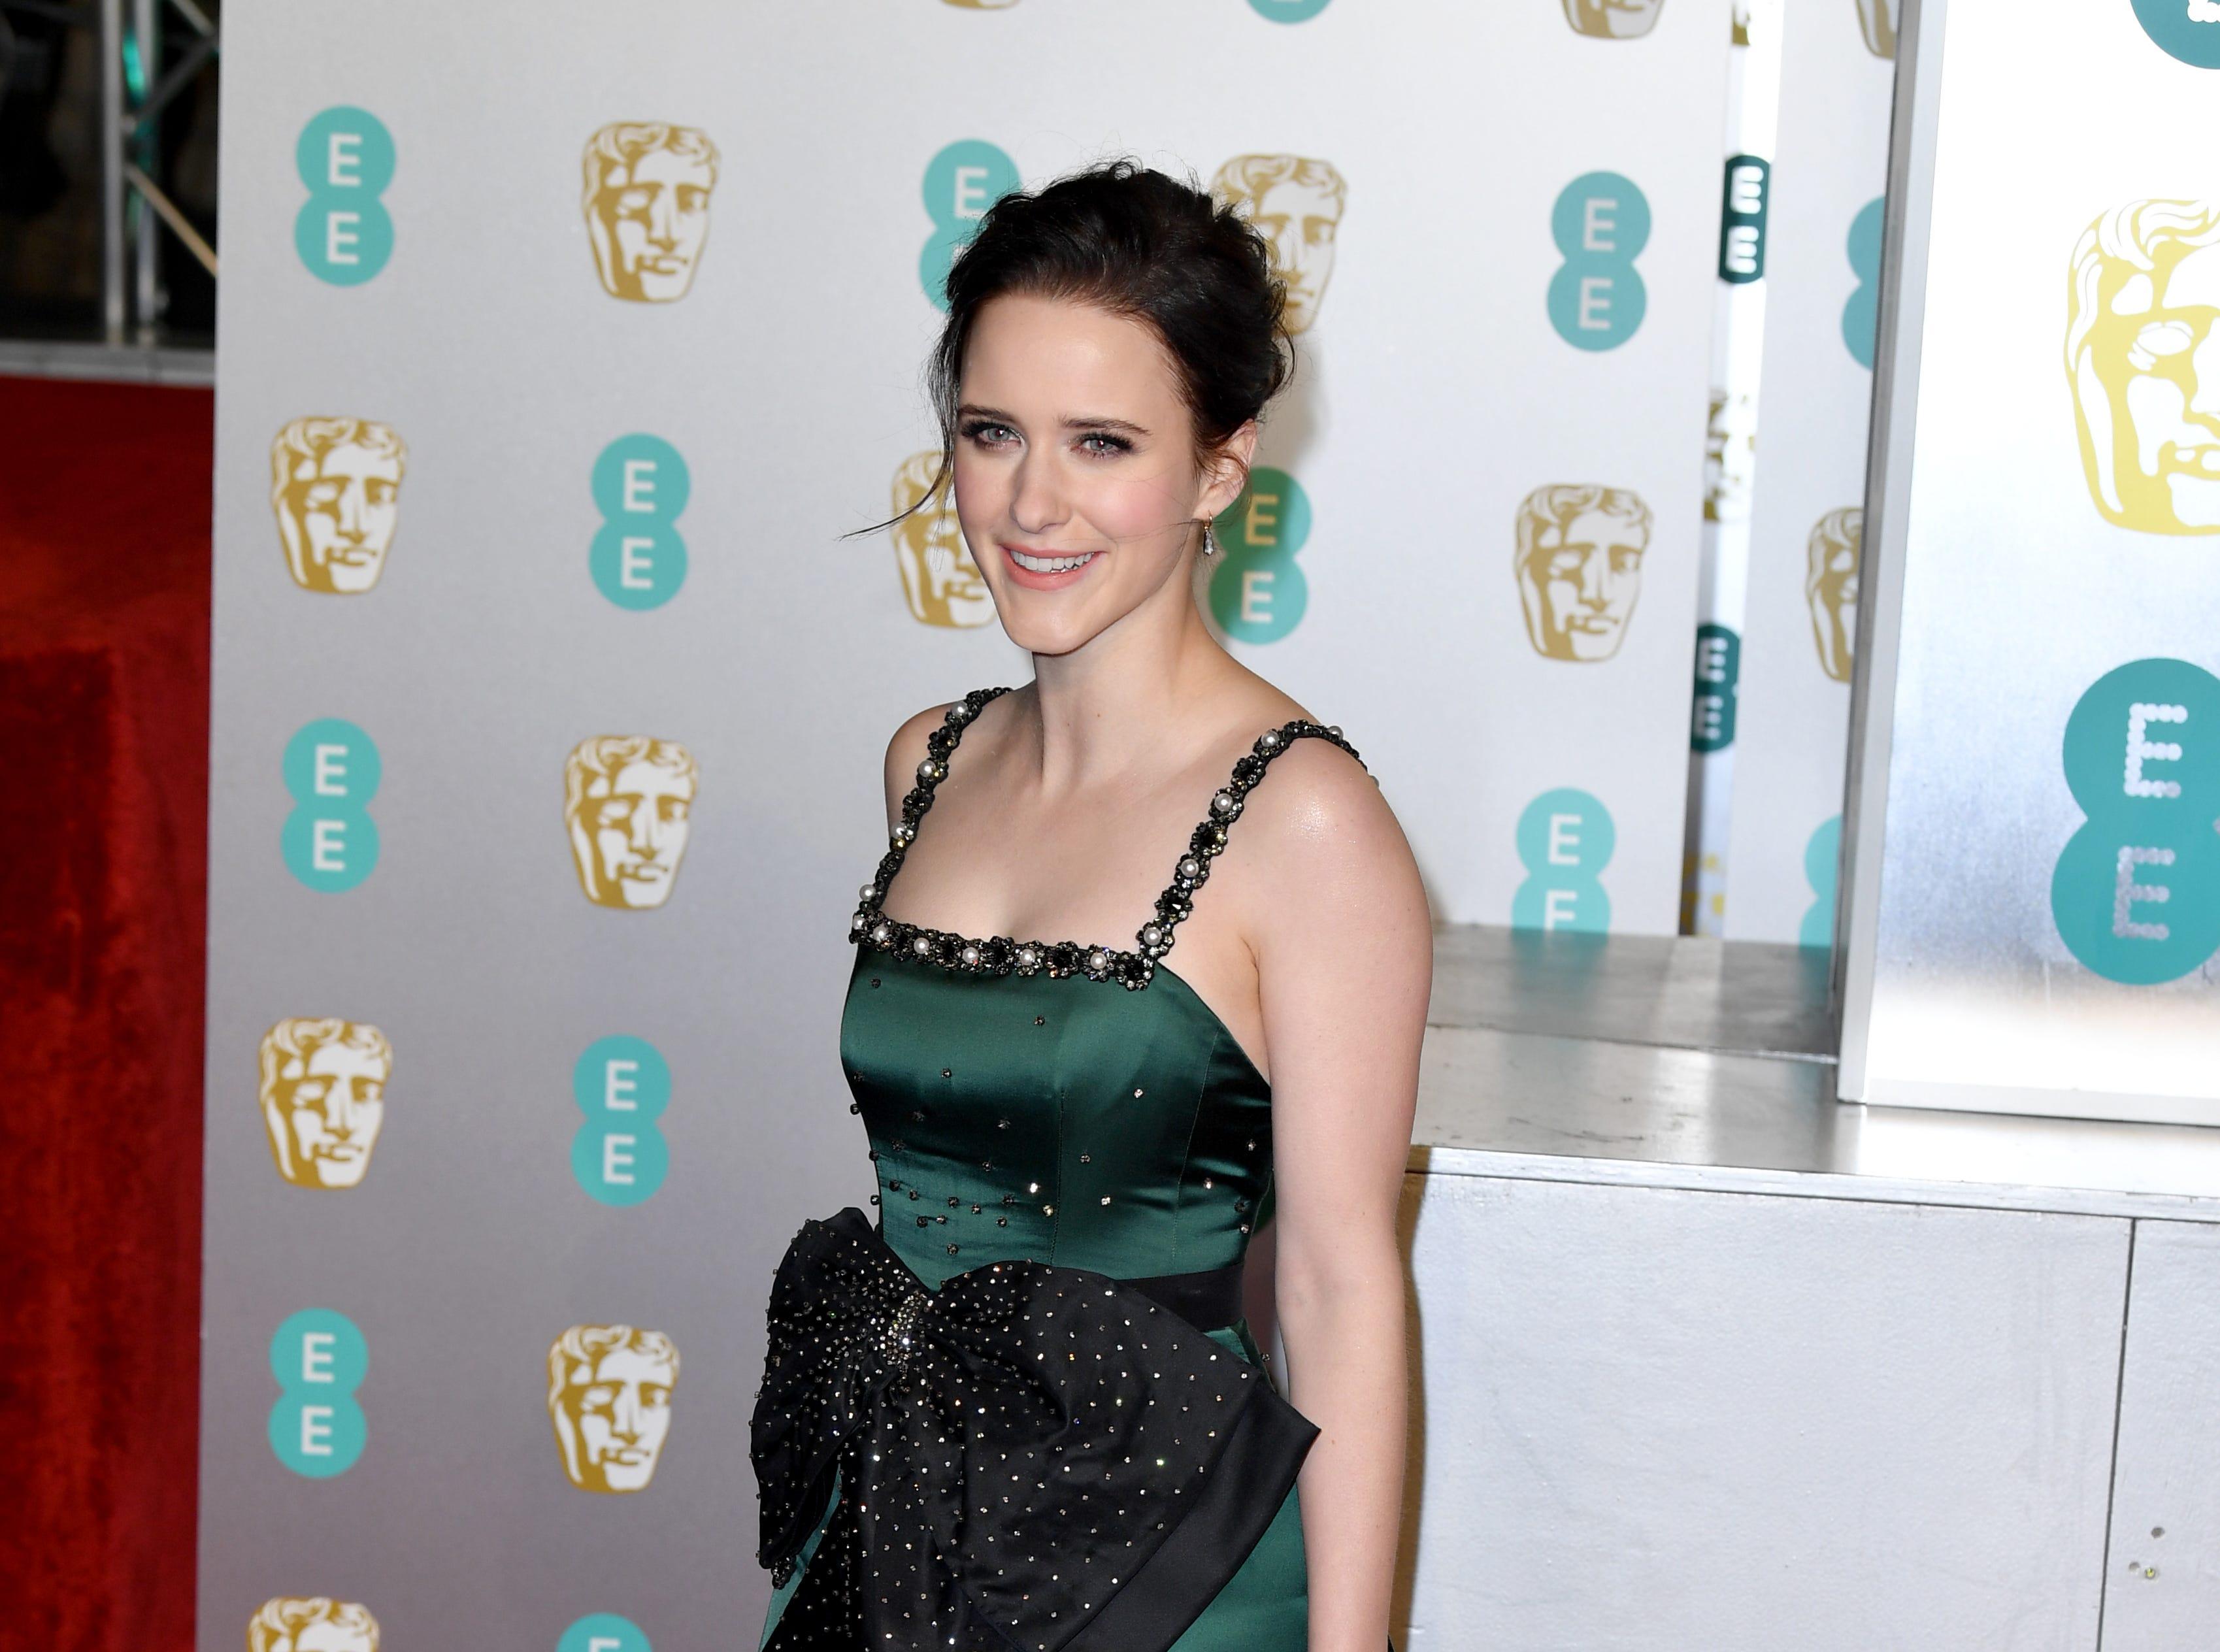 Rachel Brosnahan a su llegada a la alfombra roja de los Premios de la Academia Británica de Cine BAFTA en el Royal Albert Hall en Londres el 10 de febrero de 2019.